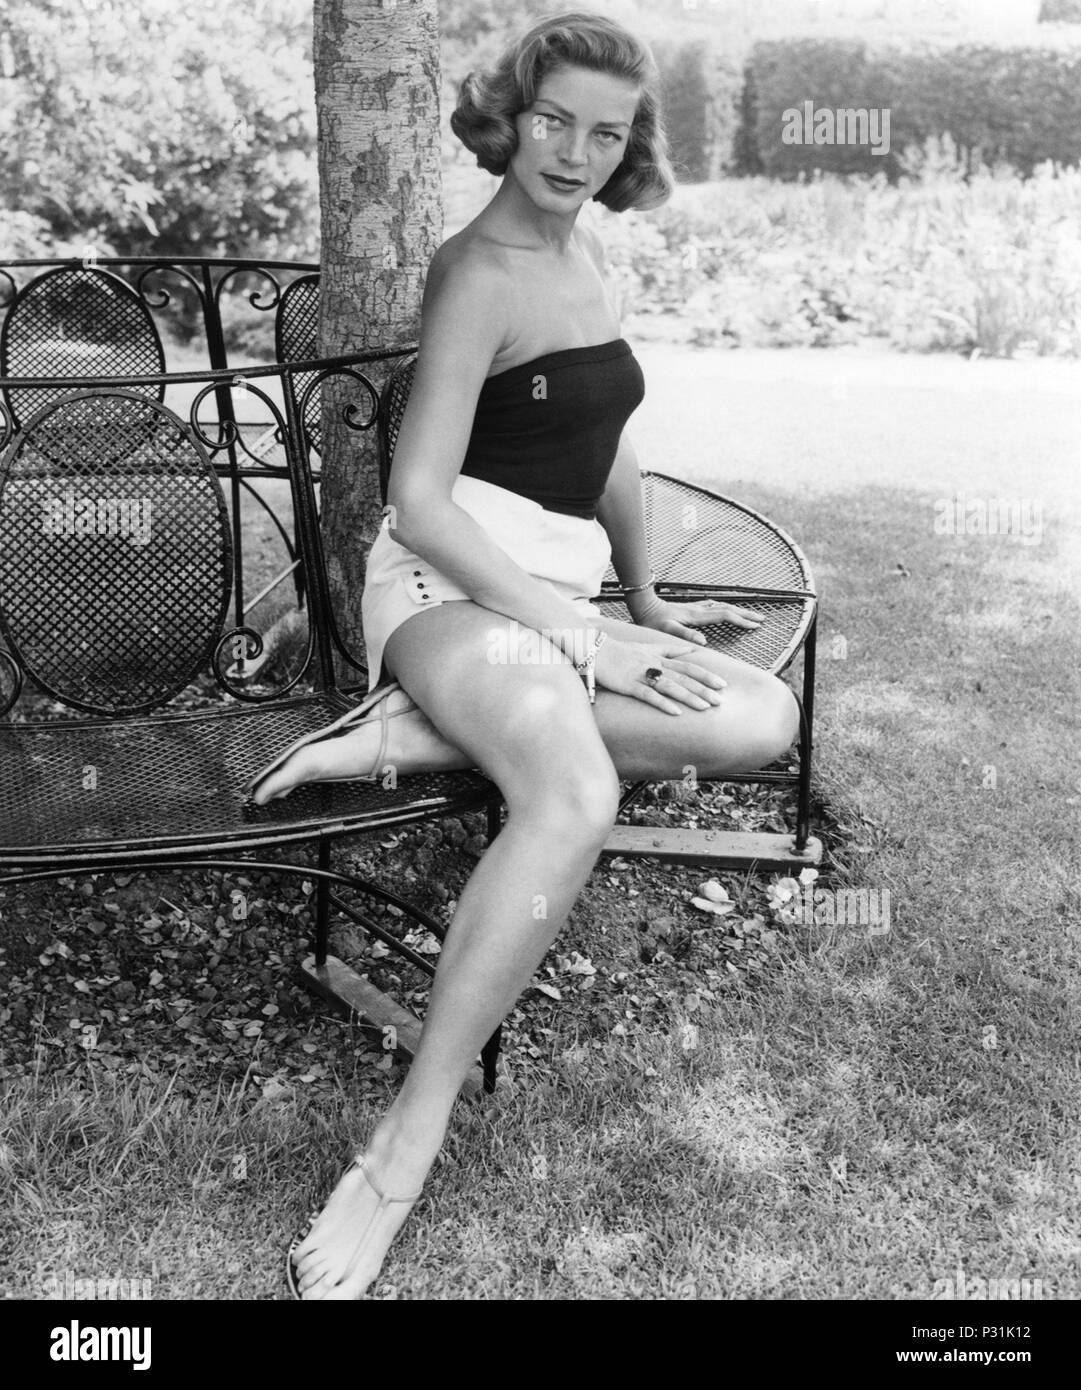 Year: 1955. Stars: LAUREN BACALL Stock Photo - Alamy